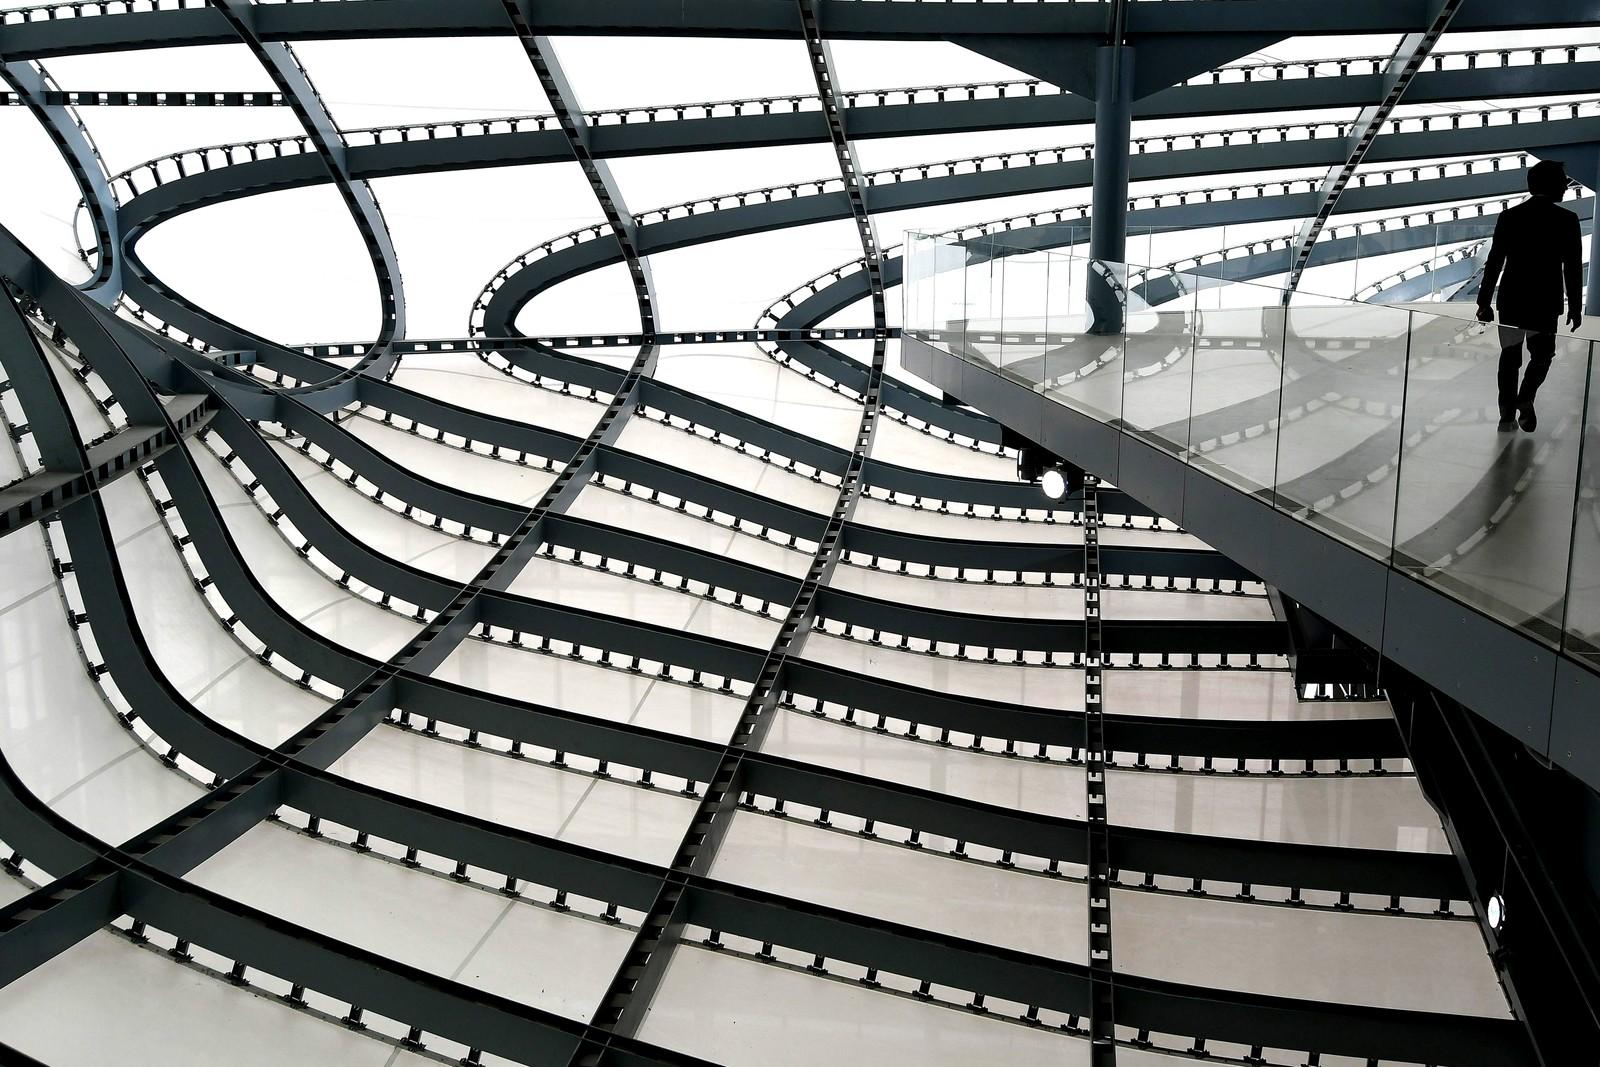 Her ser vi en del av det nye kongress-senteret i Roma kalt La Nuvola (skyen). Det er tegnet av den italienske arkitekten Massimiliano Fuksas.